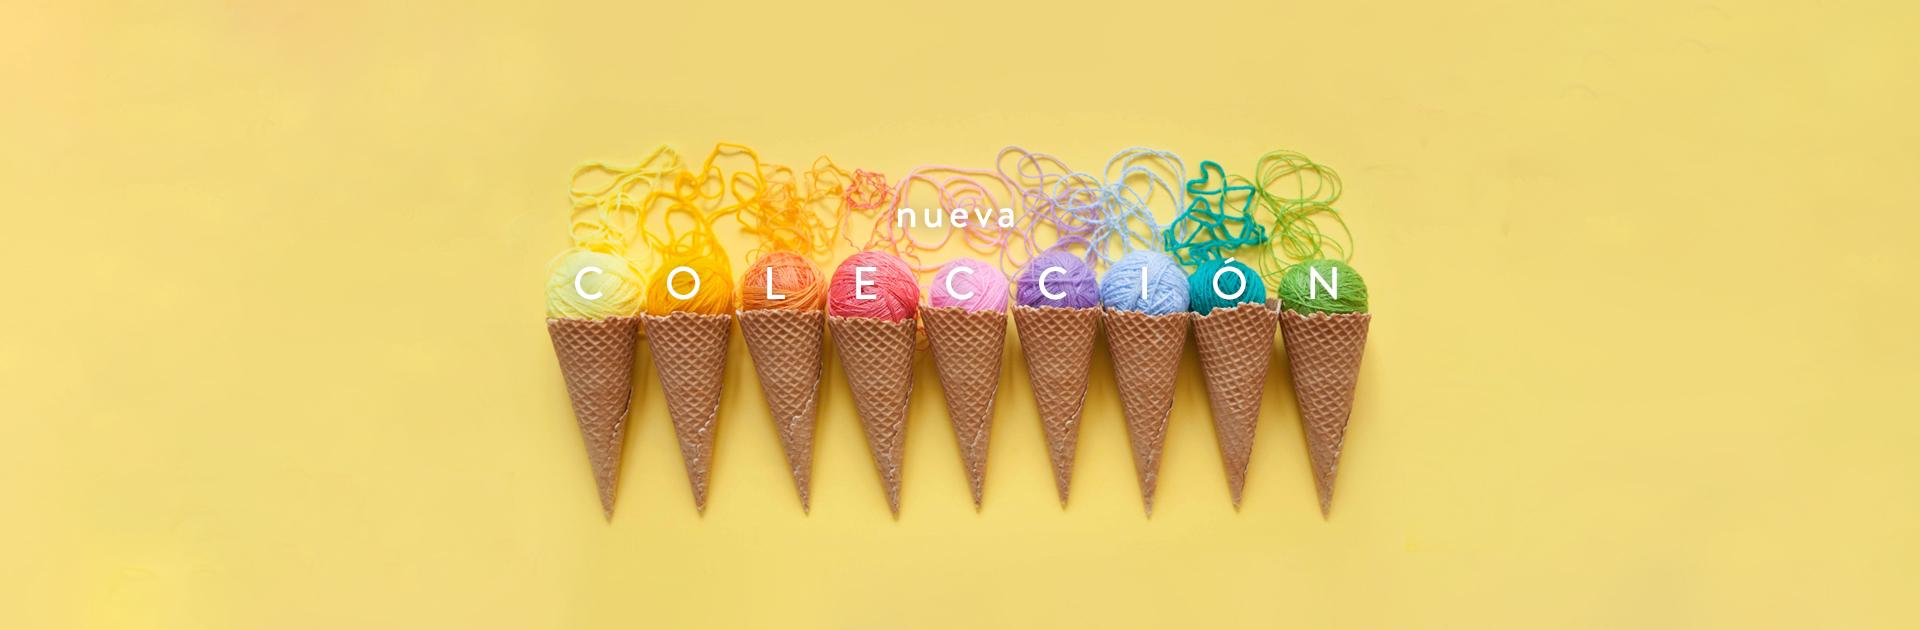 capritx_banner-web_nueva-coleccion_851x360-concentrado_300320